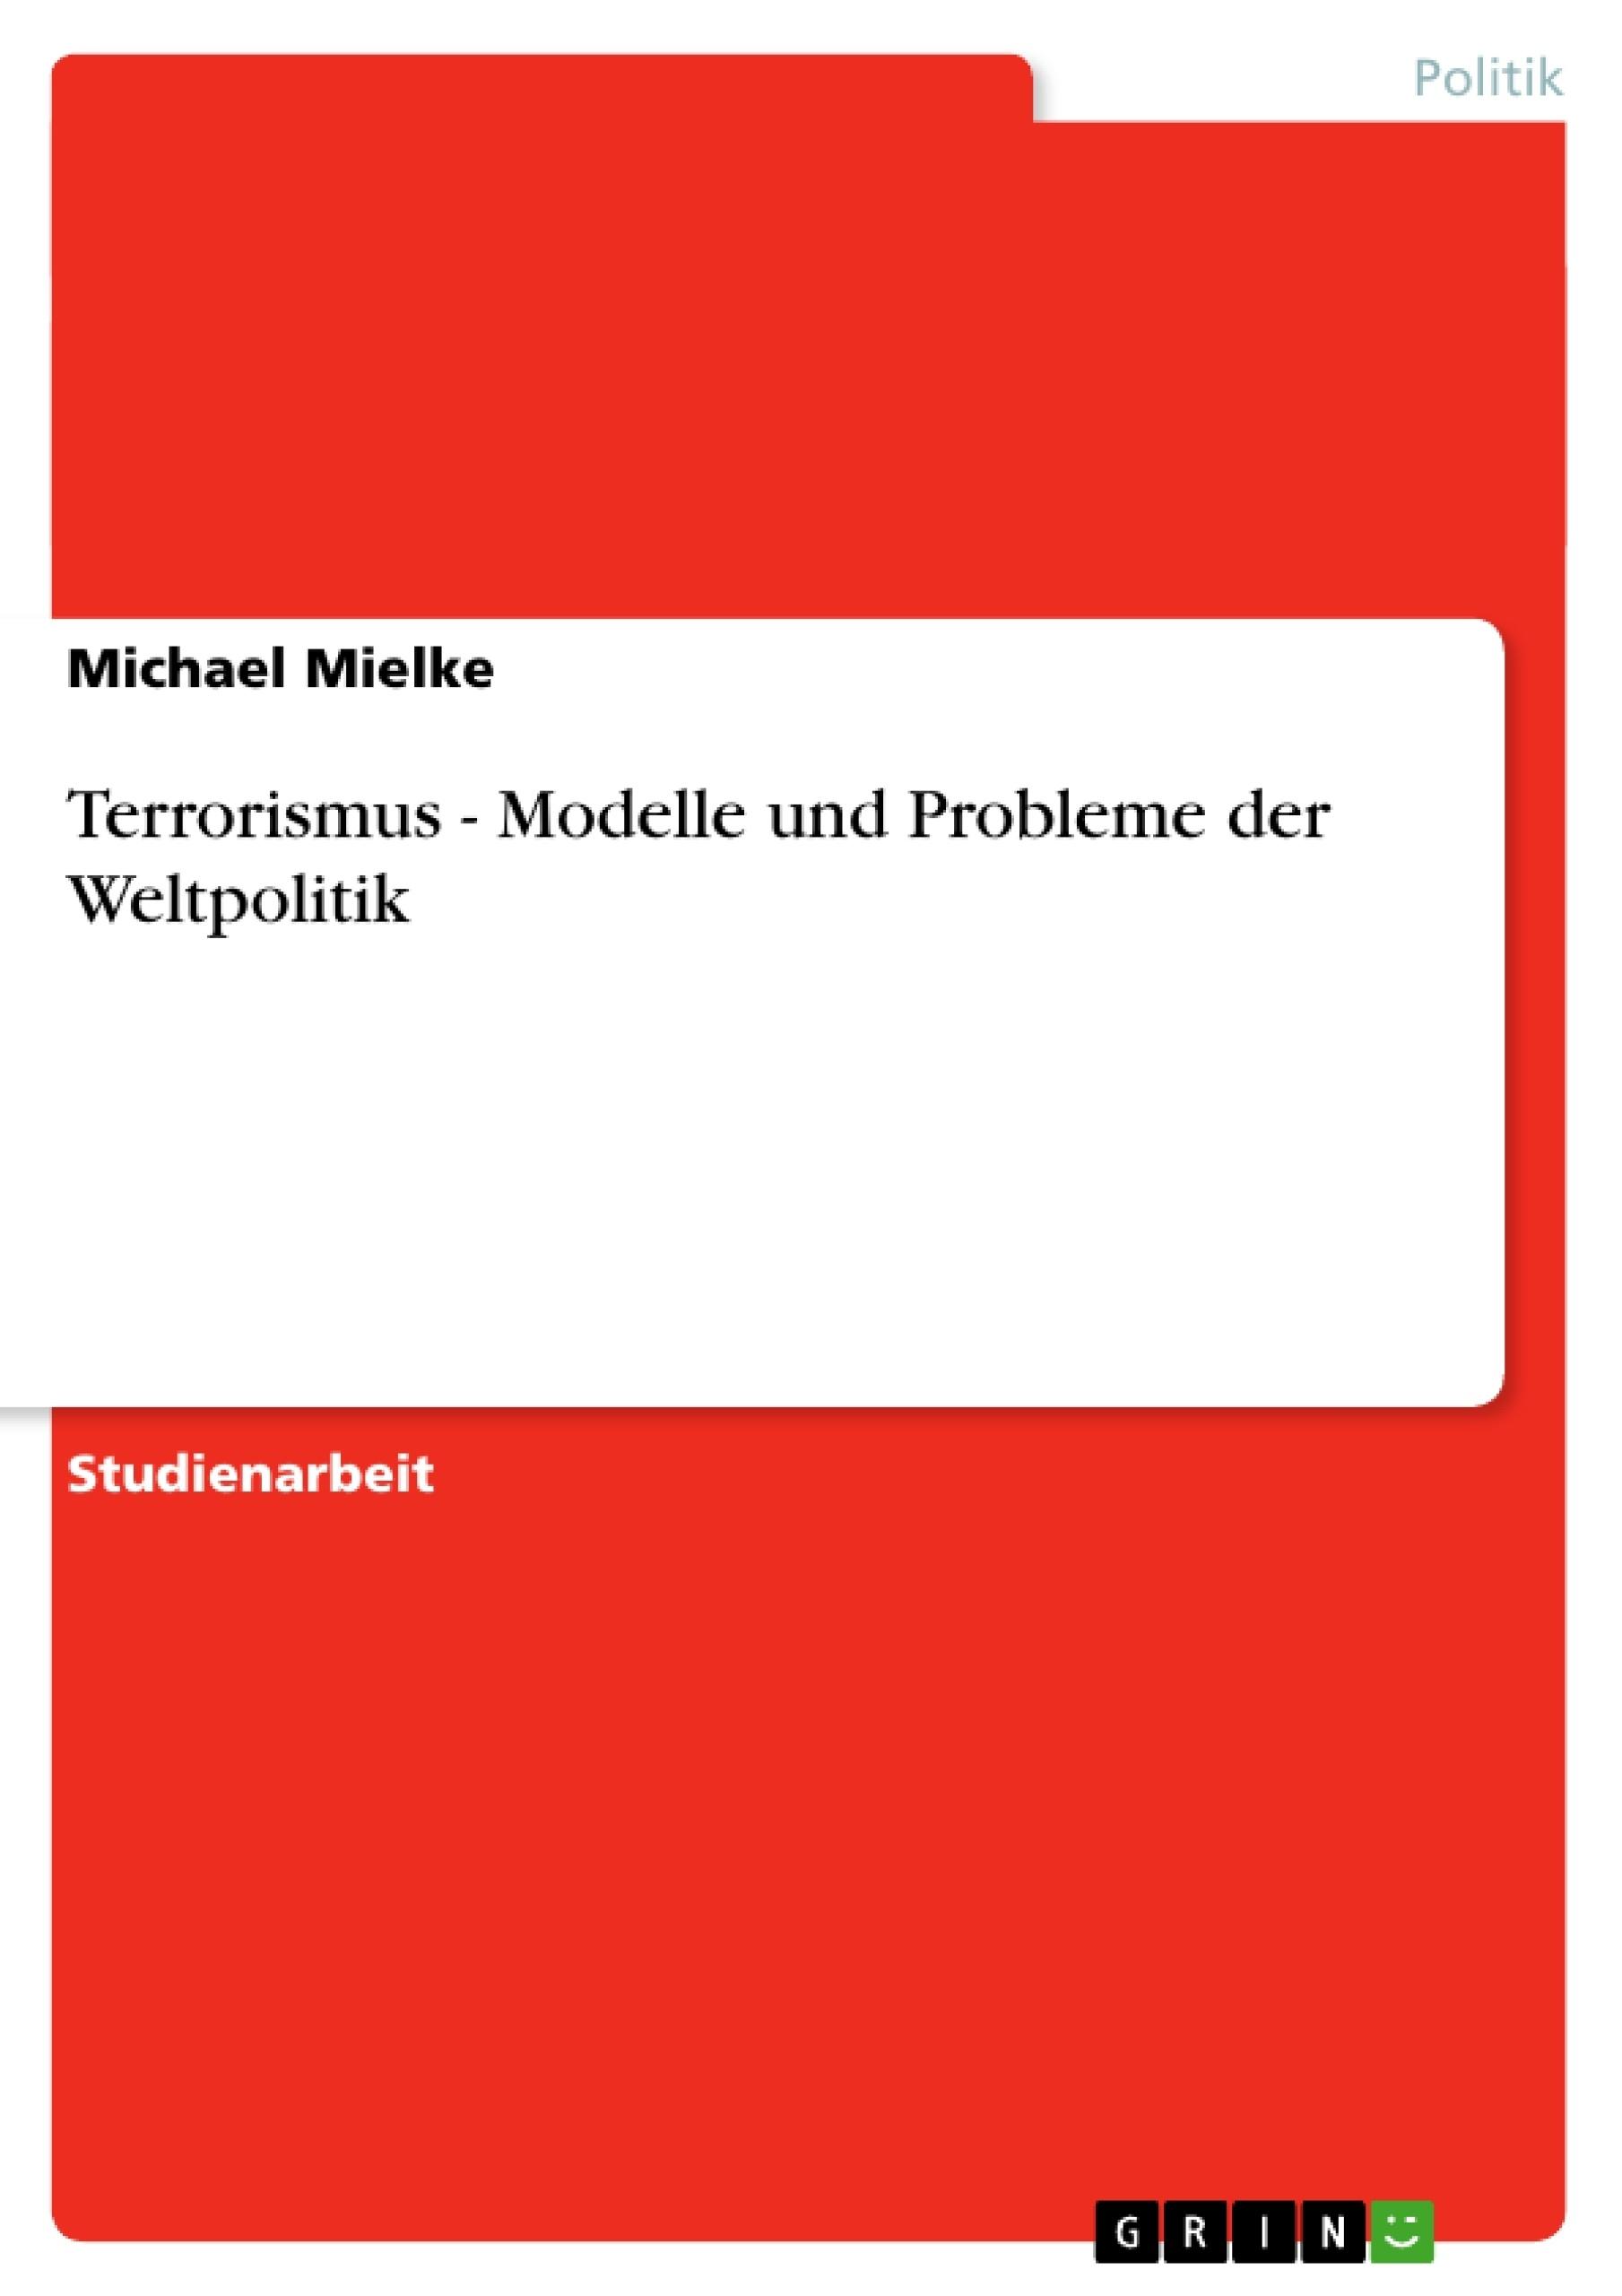 Titel: Terrorismus - Modelle und Probleme der Weltpolitik